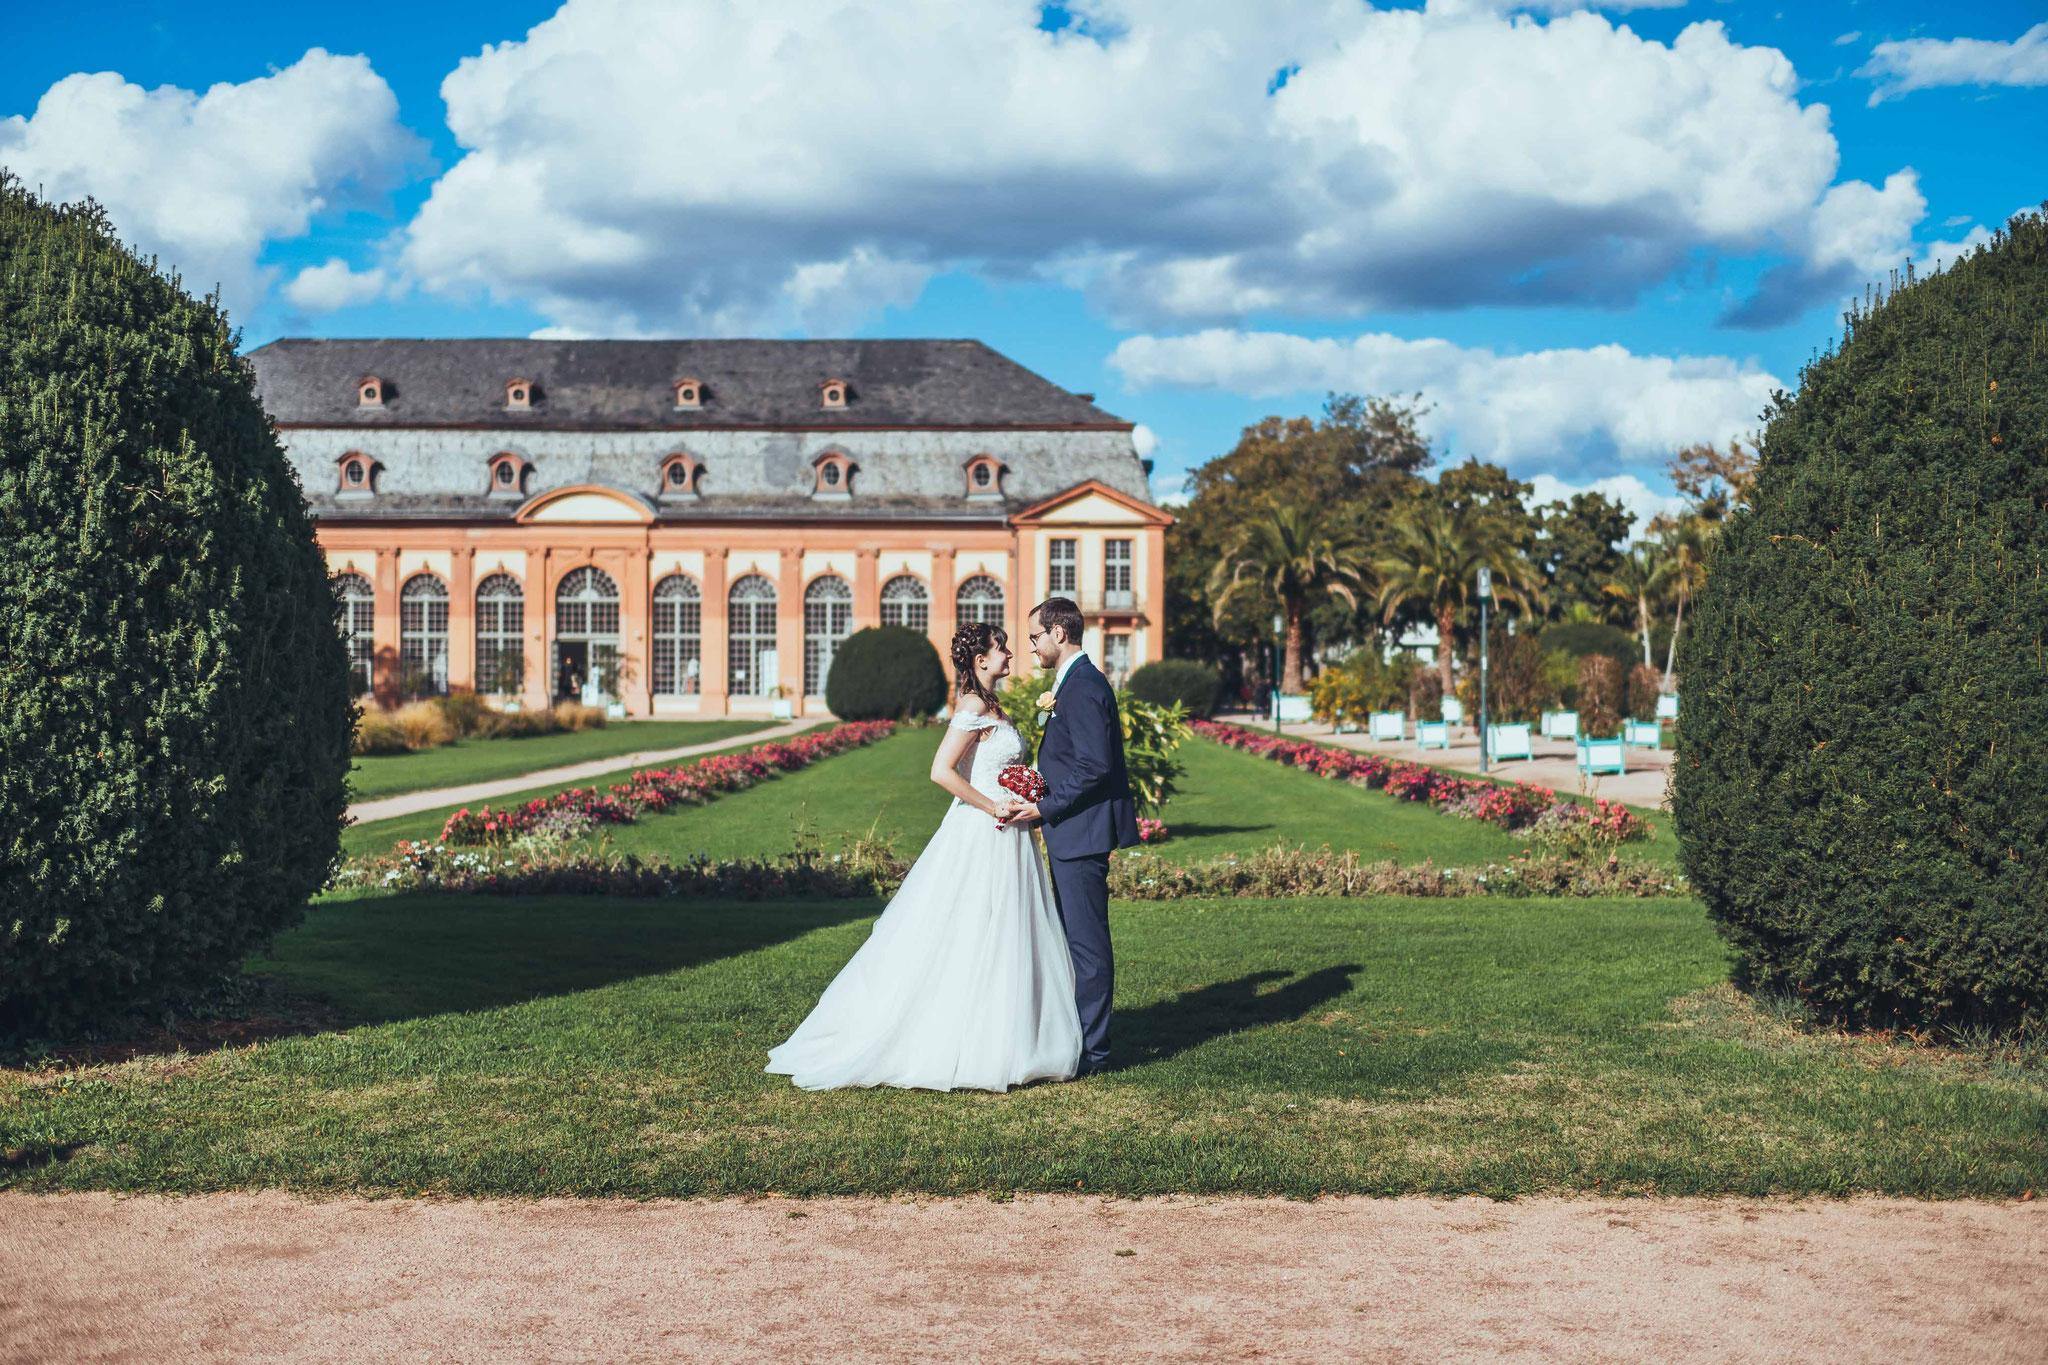 Fotos und Videos bei denen sich das Brautpaar umarmt oder küsst, sind ein Muss